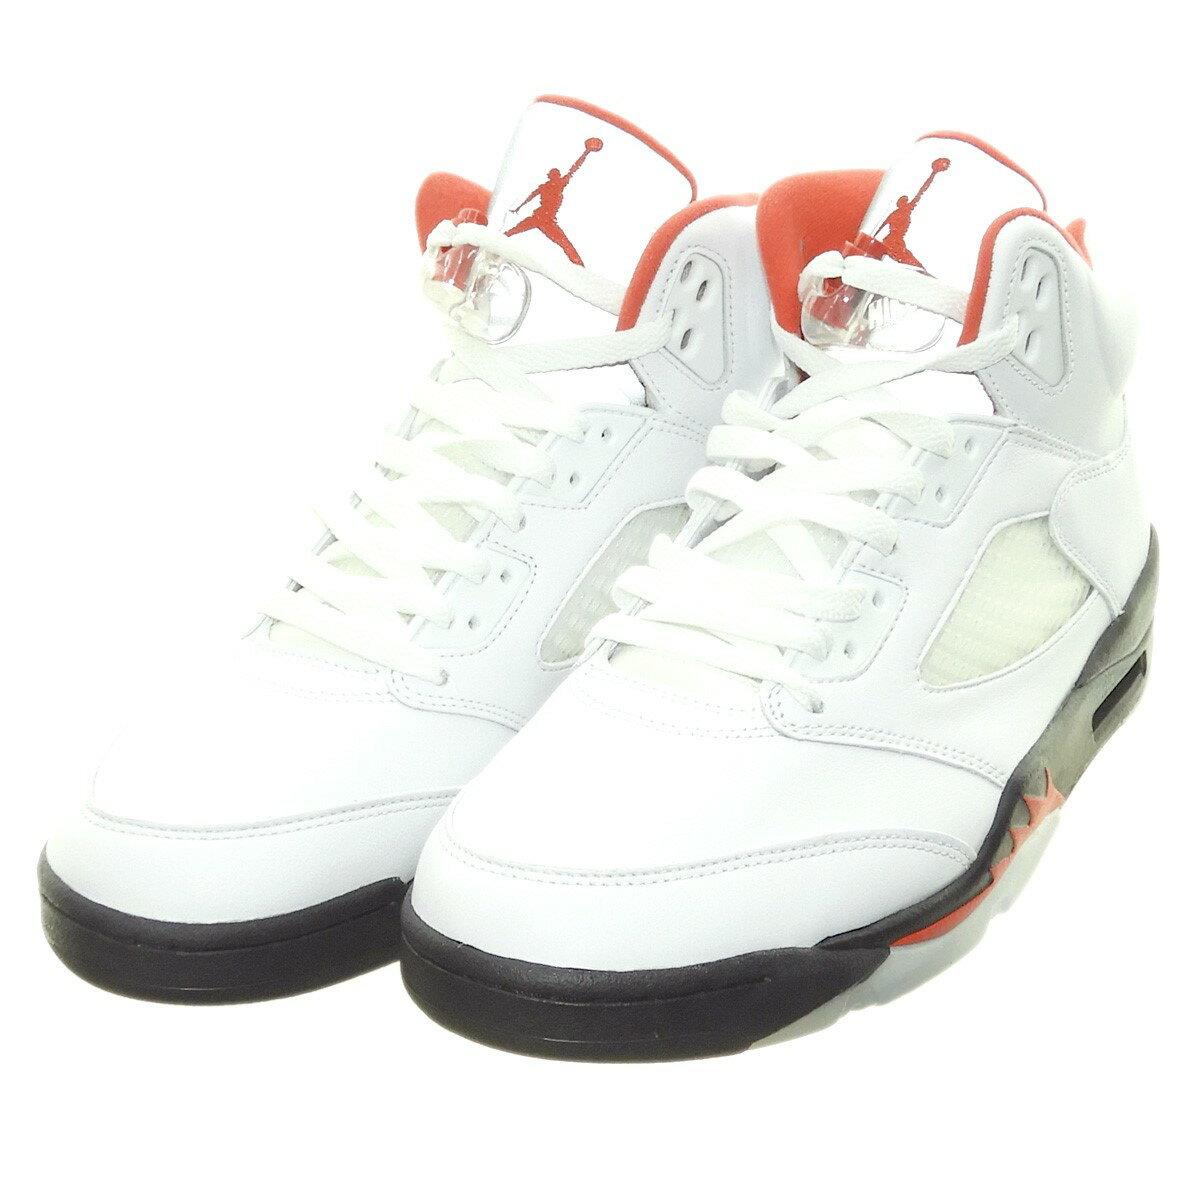 メンズ靴, スニーカー NIKE AIR JORDAN 5 RETRO 275cm 031220